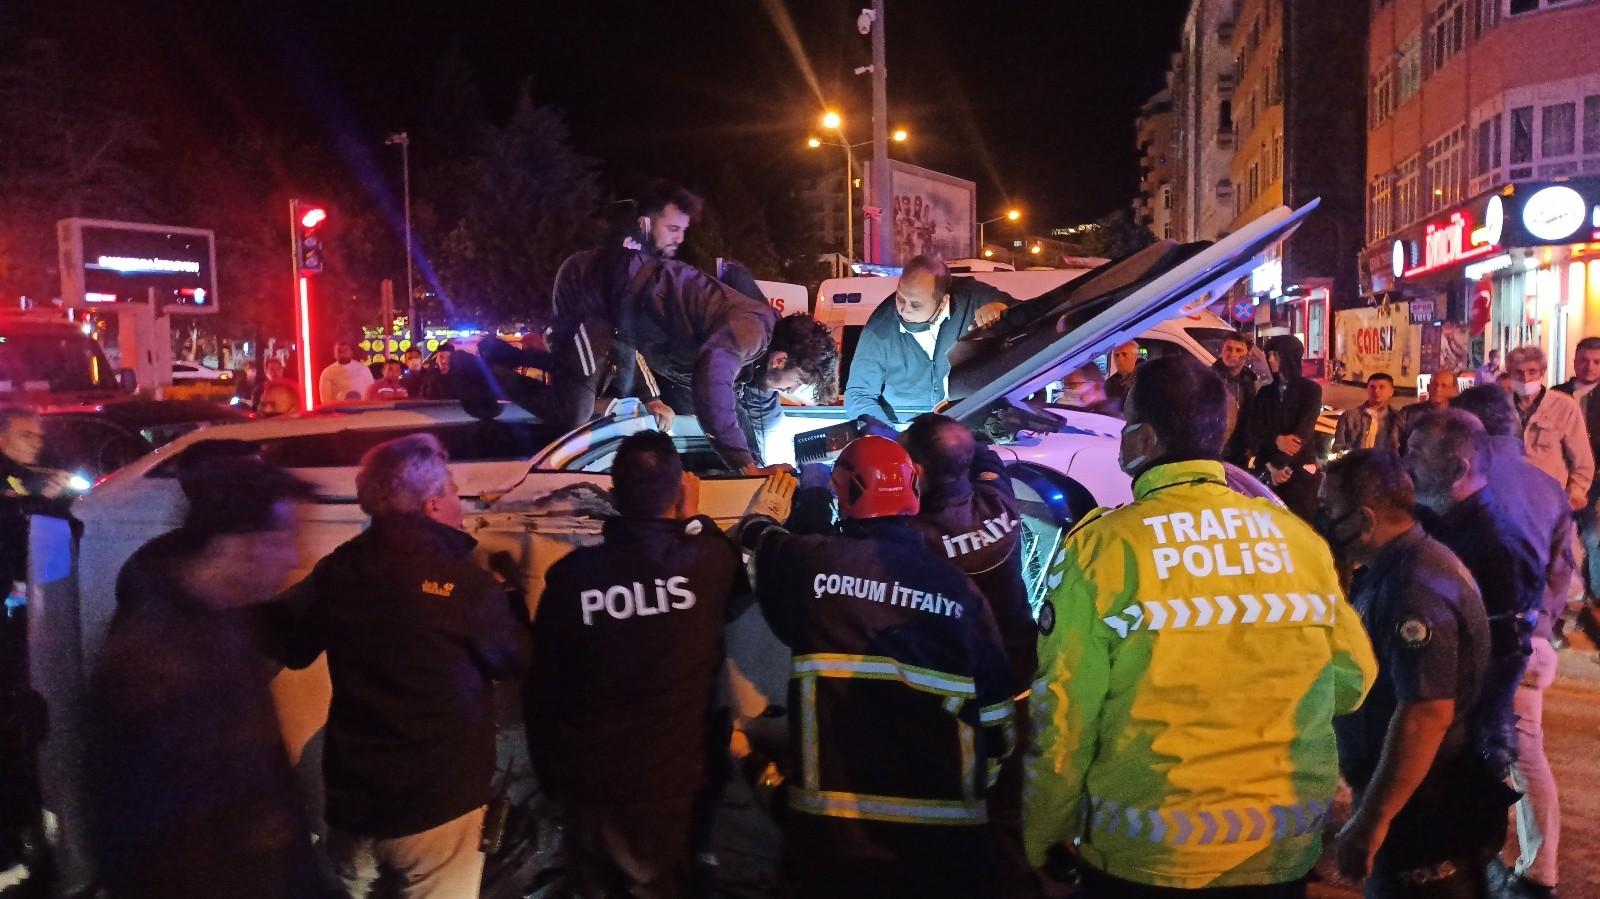 Şüpheli aracı kovalayan polis otosu kaza yaptı: 2 yaralı